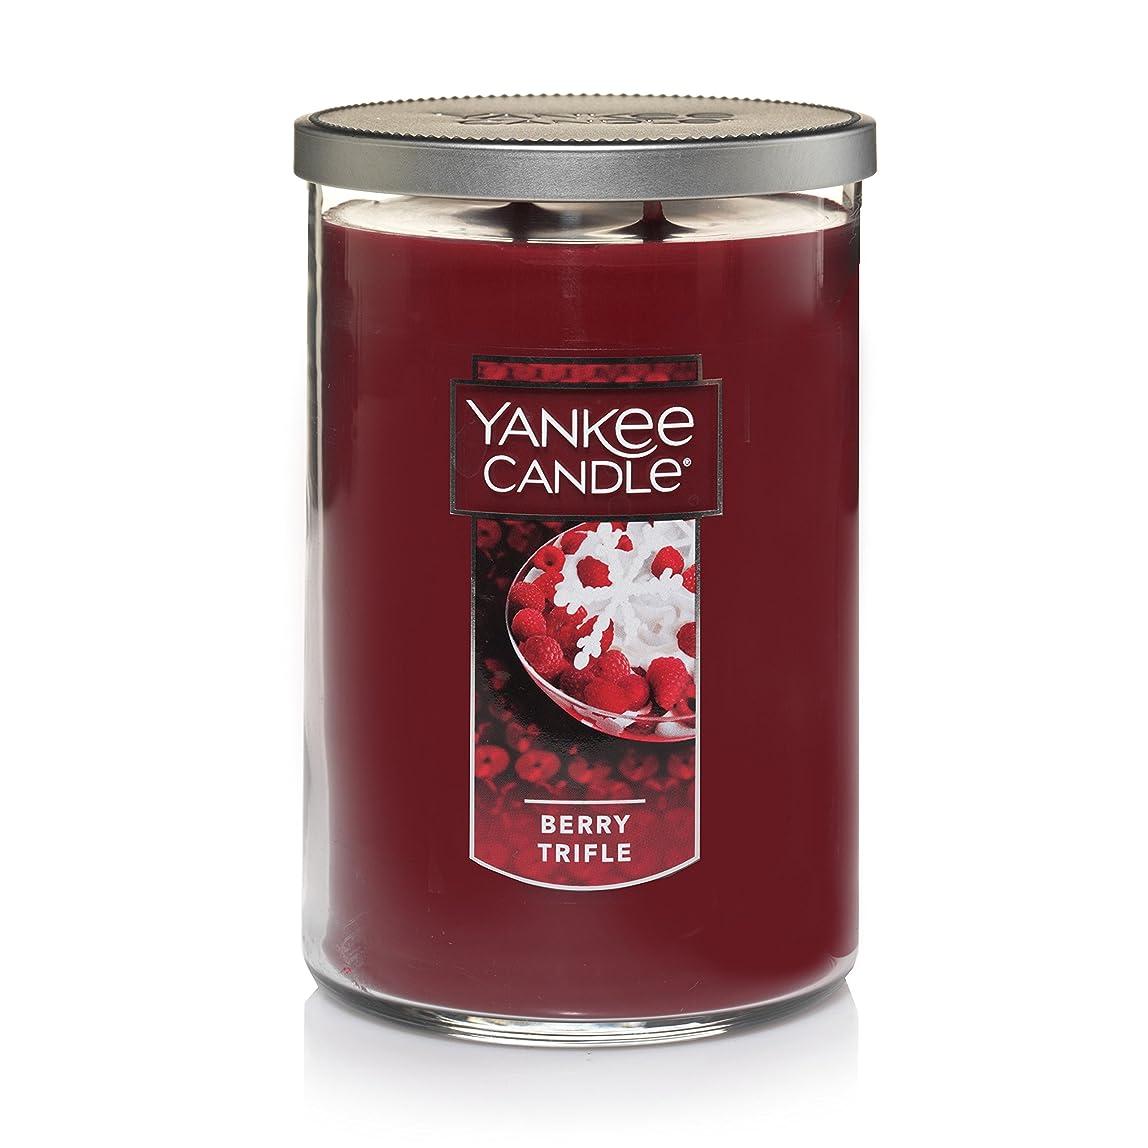 ぼんやりしたの乙女Yankee Candle Large Jar Candle Large 2-Wick Tumbler Candle レッド 1342528